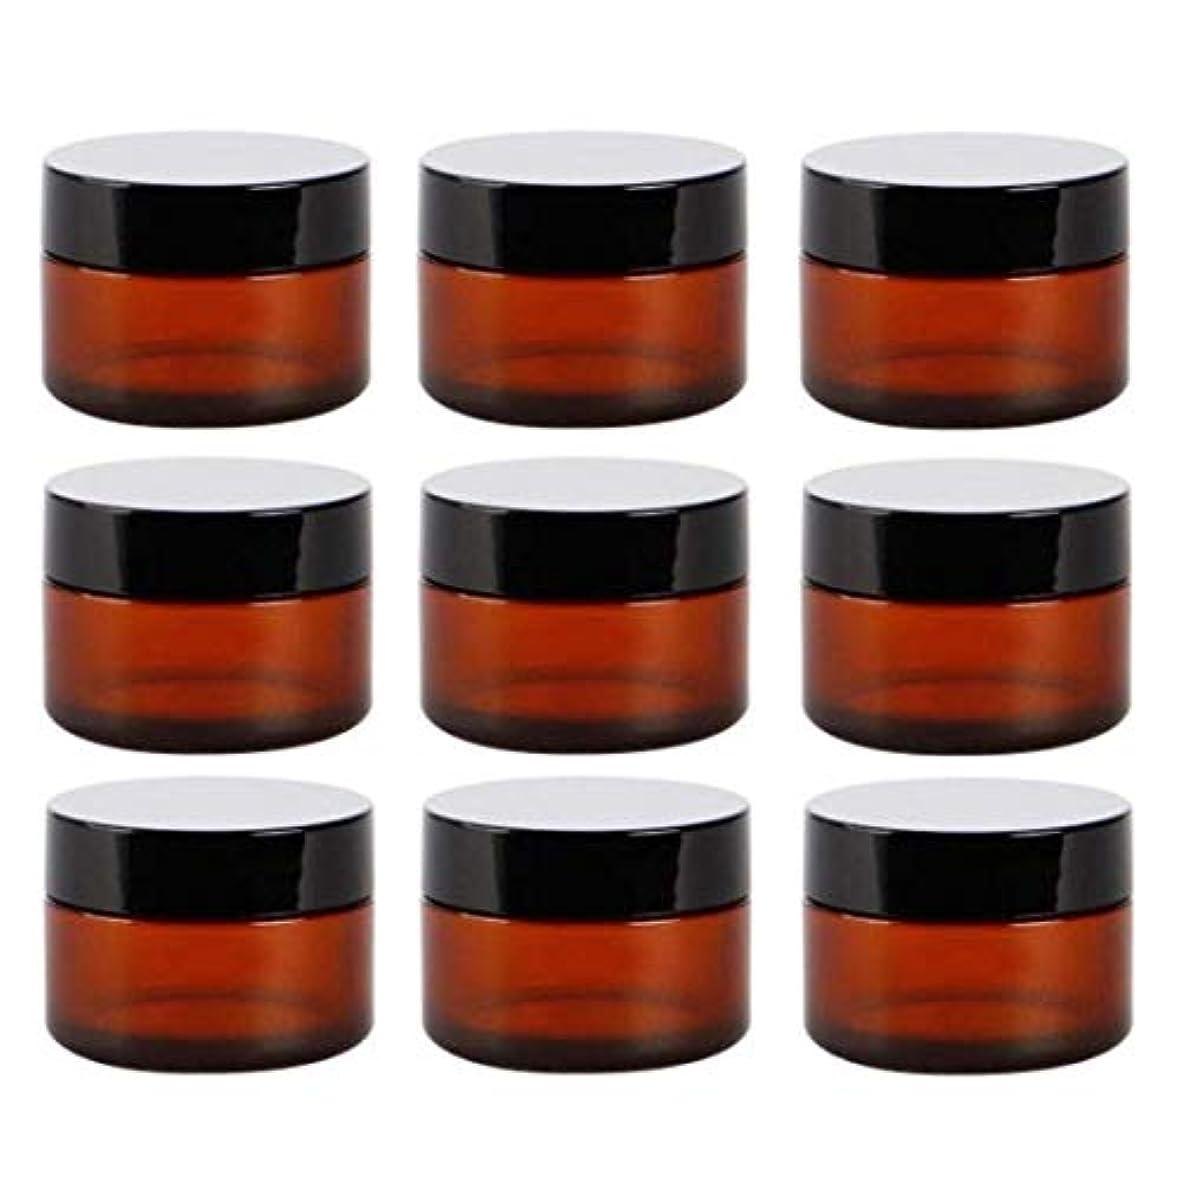 司法在庫頑丈アロマオイル 精油 香水やアロマの保存 小分け用 遮光瓶 詰替え ガラス製 9本セット茶色10g